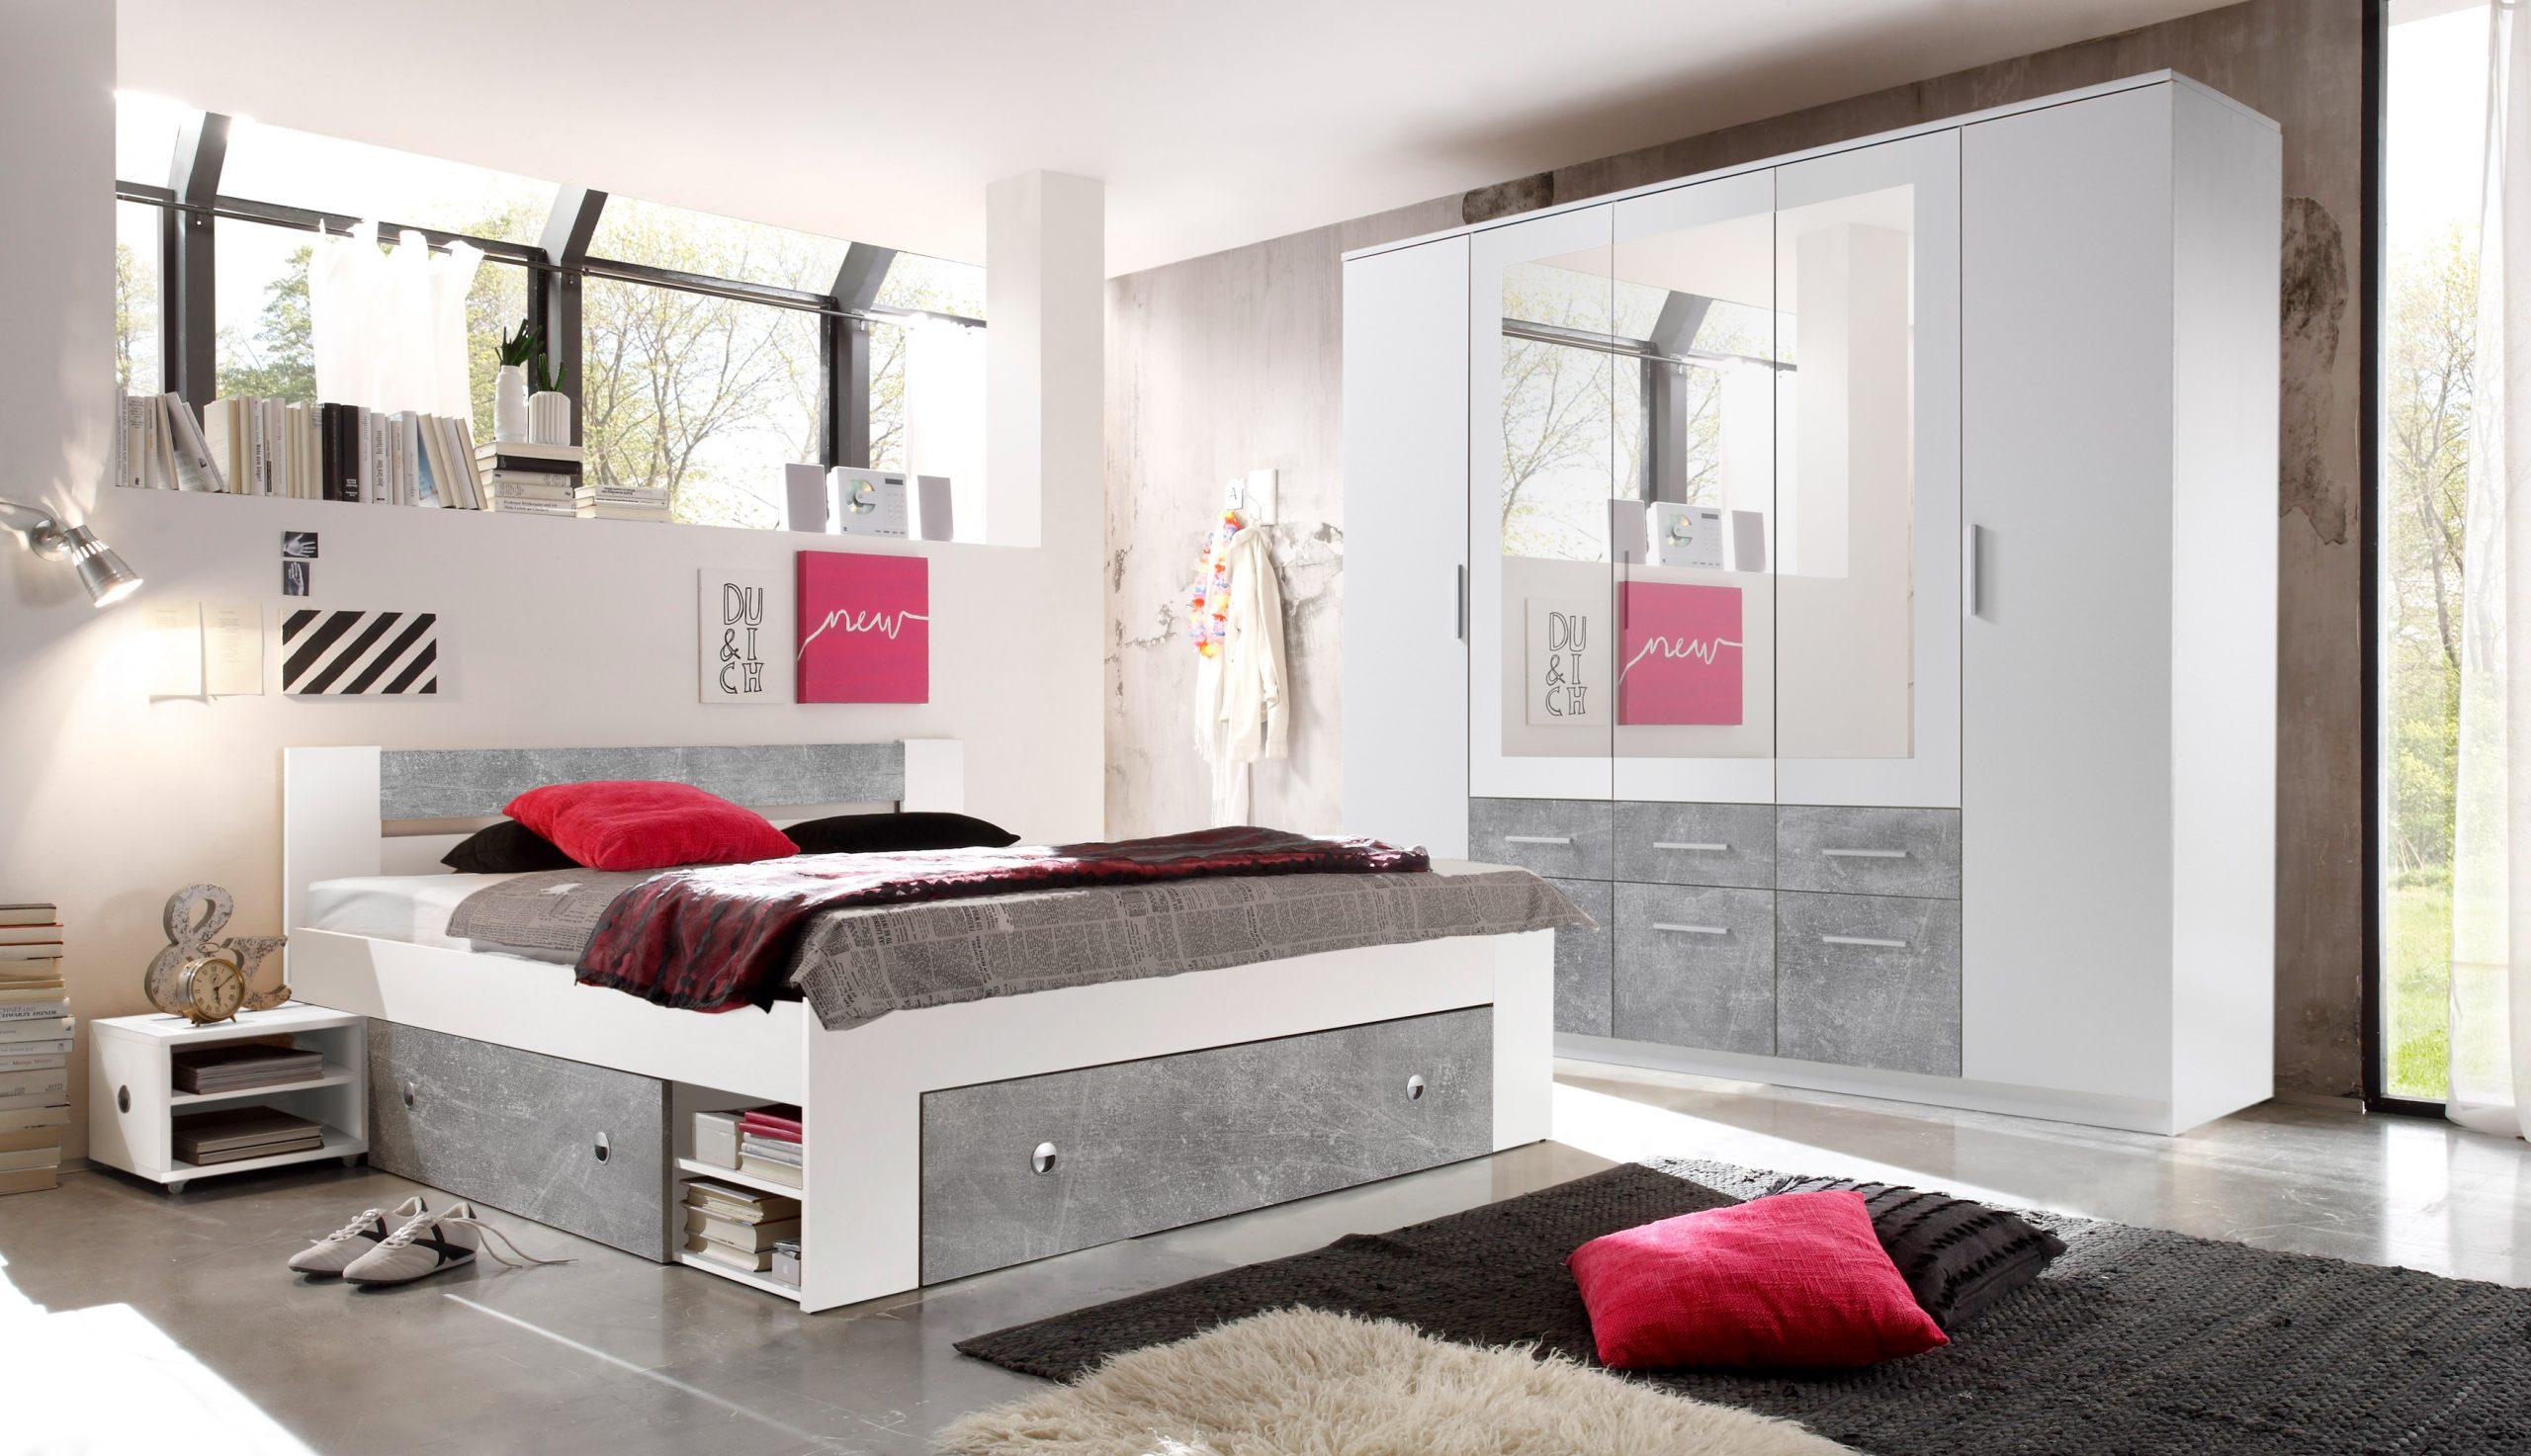 Full Size of Schlafzimmer Komplett Set 4 Tlg Stefan Bett 180 Kleiderschrank Romantische Komplettes Lampe Deckenleuchten Günstig Günstige Sofa Fenster Vorhänge Schlafzimmer Komplett Schlafzimmer Günstig